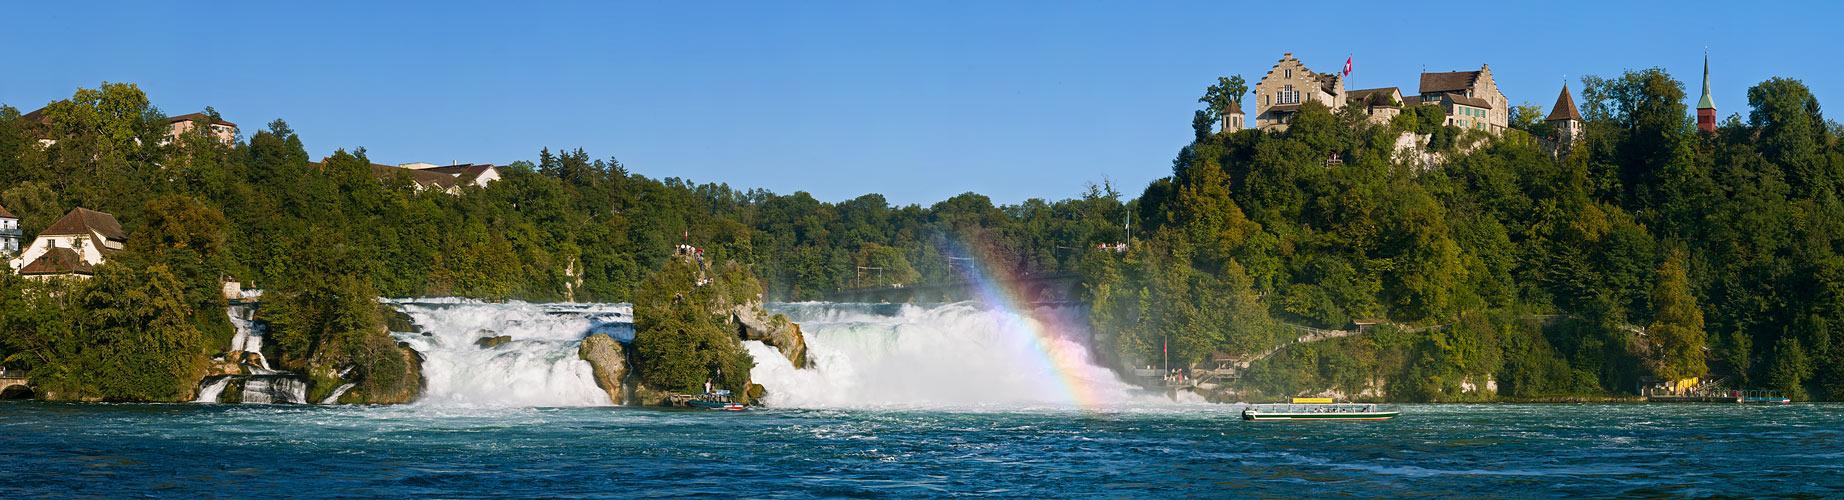 Rheinfall mit Regenbogen